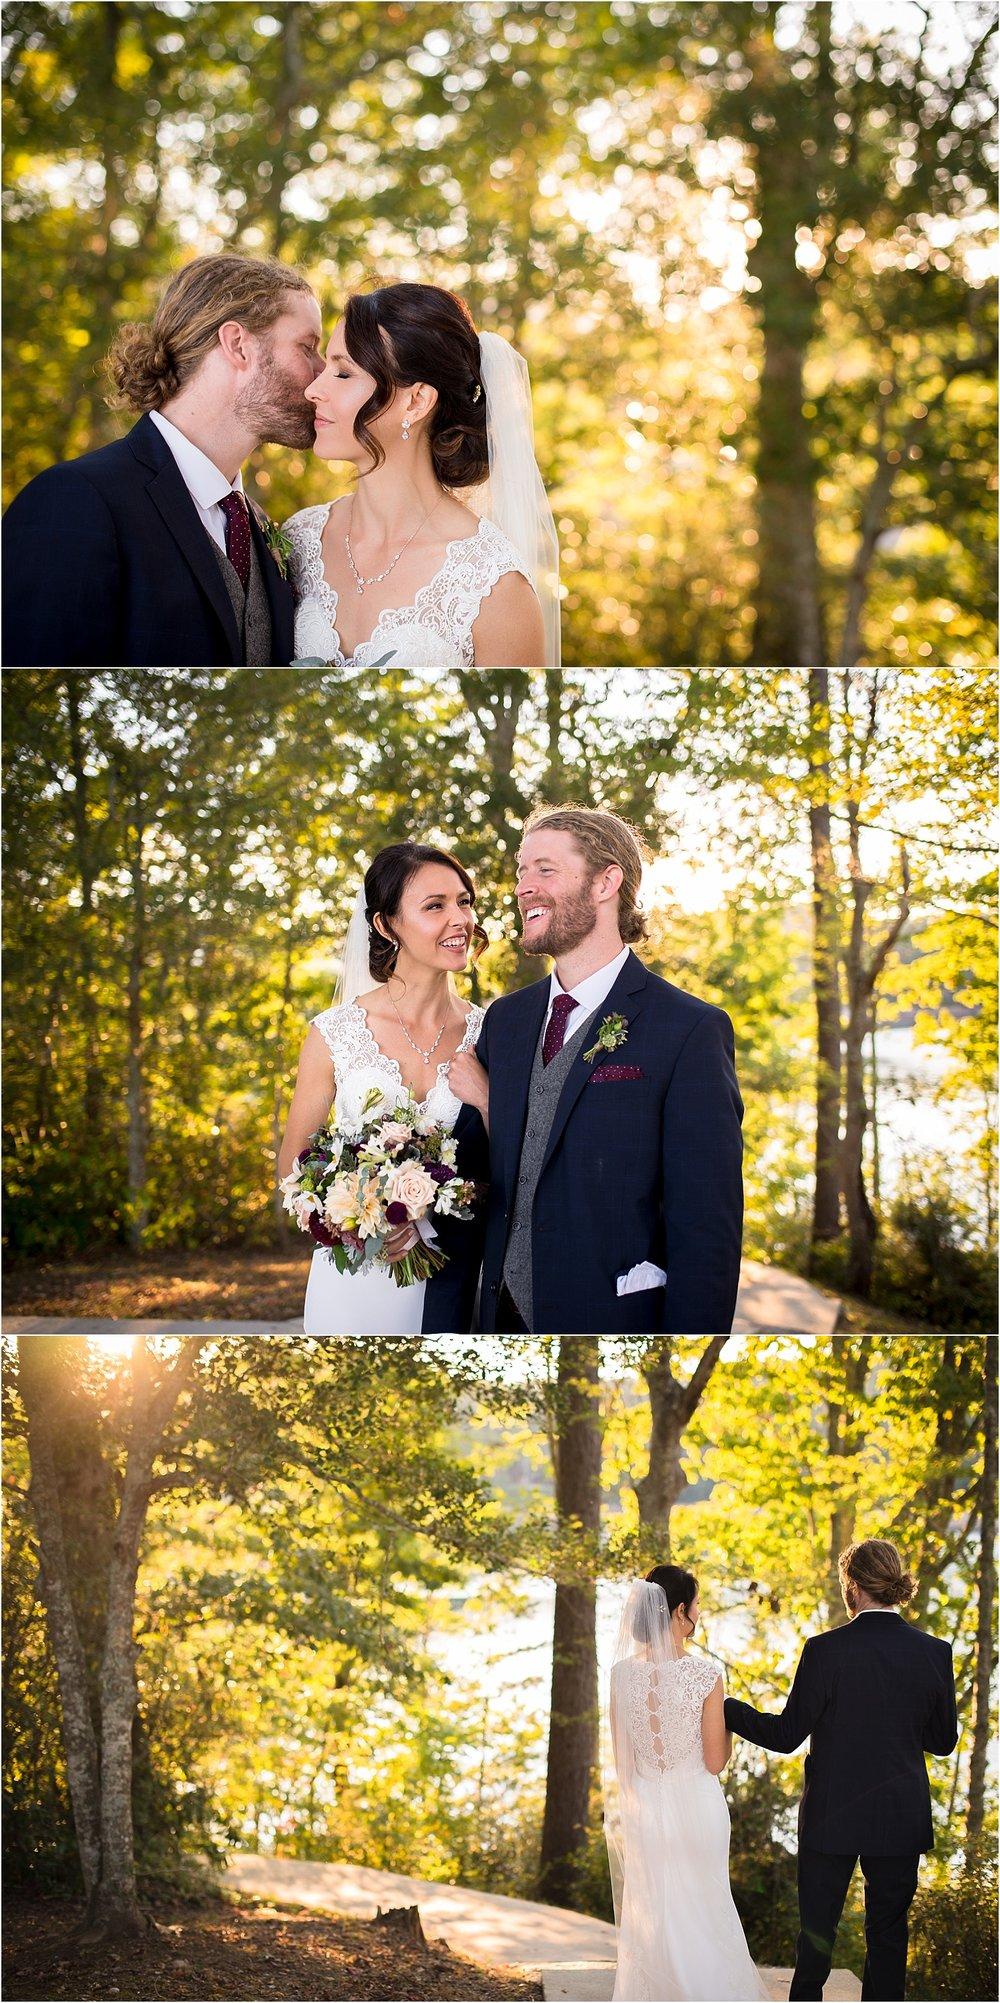 Autumn-Bart-Fontan-Dam-Village-Restort-Fall-Wedding_0024.jpg